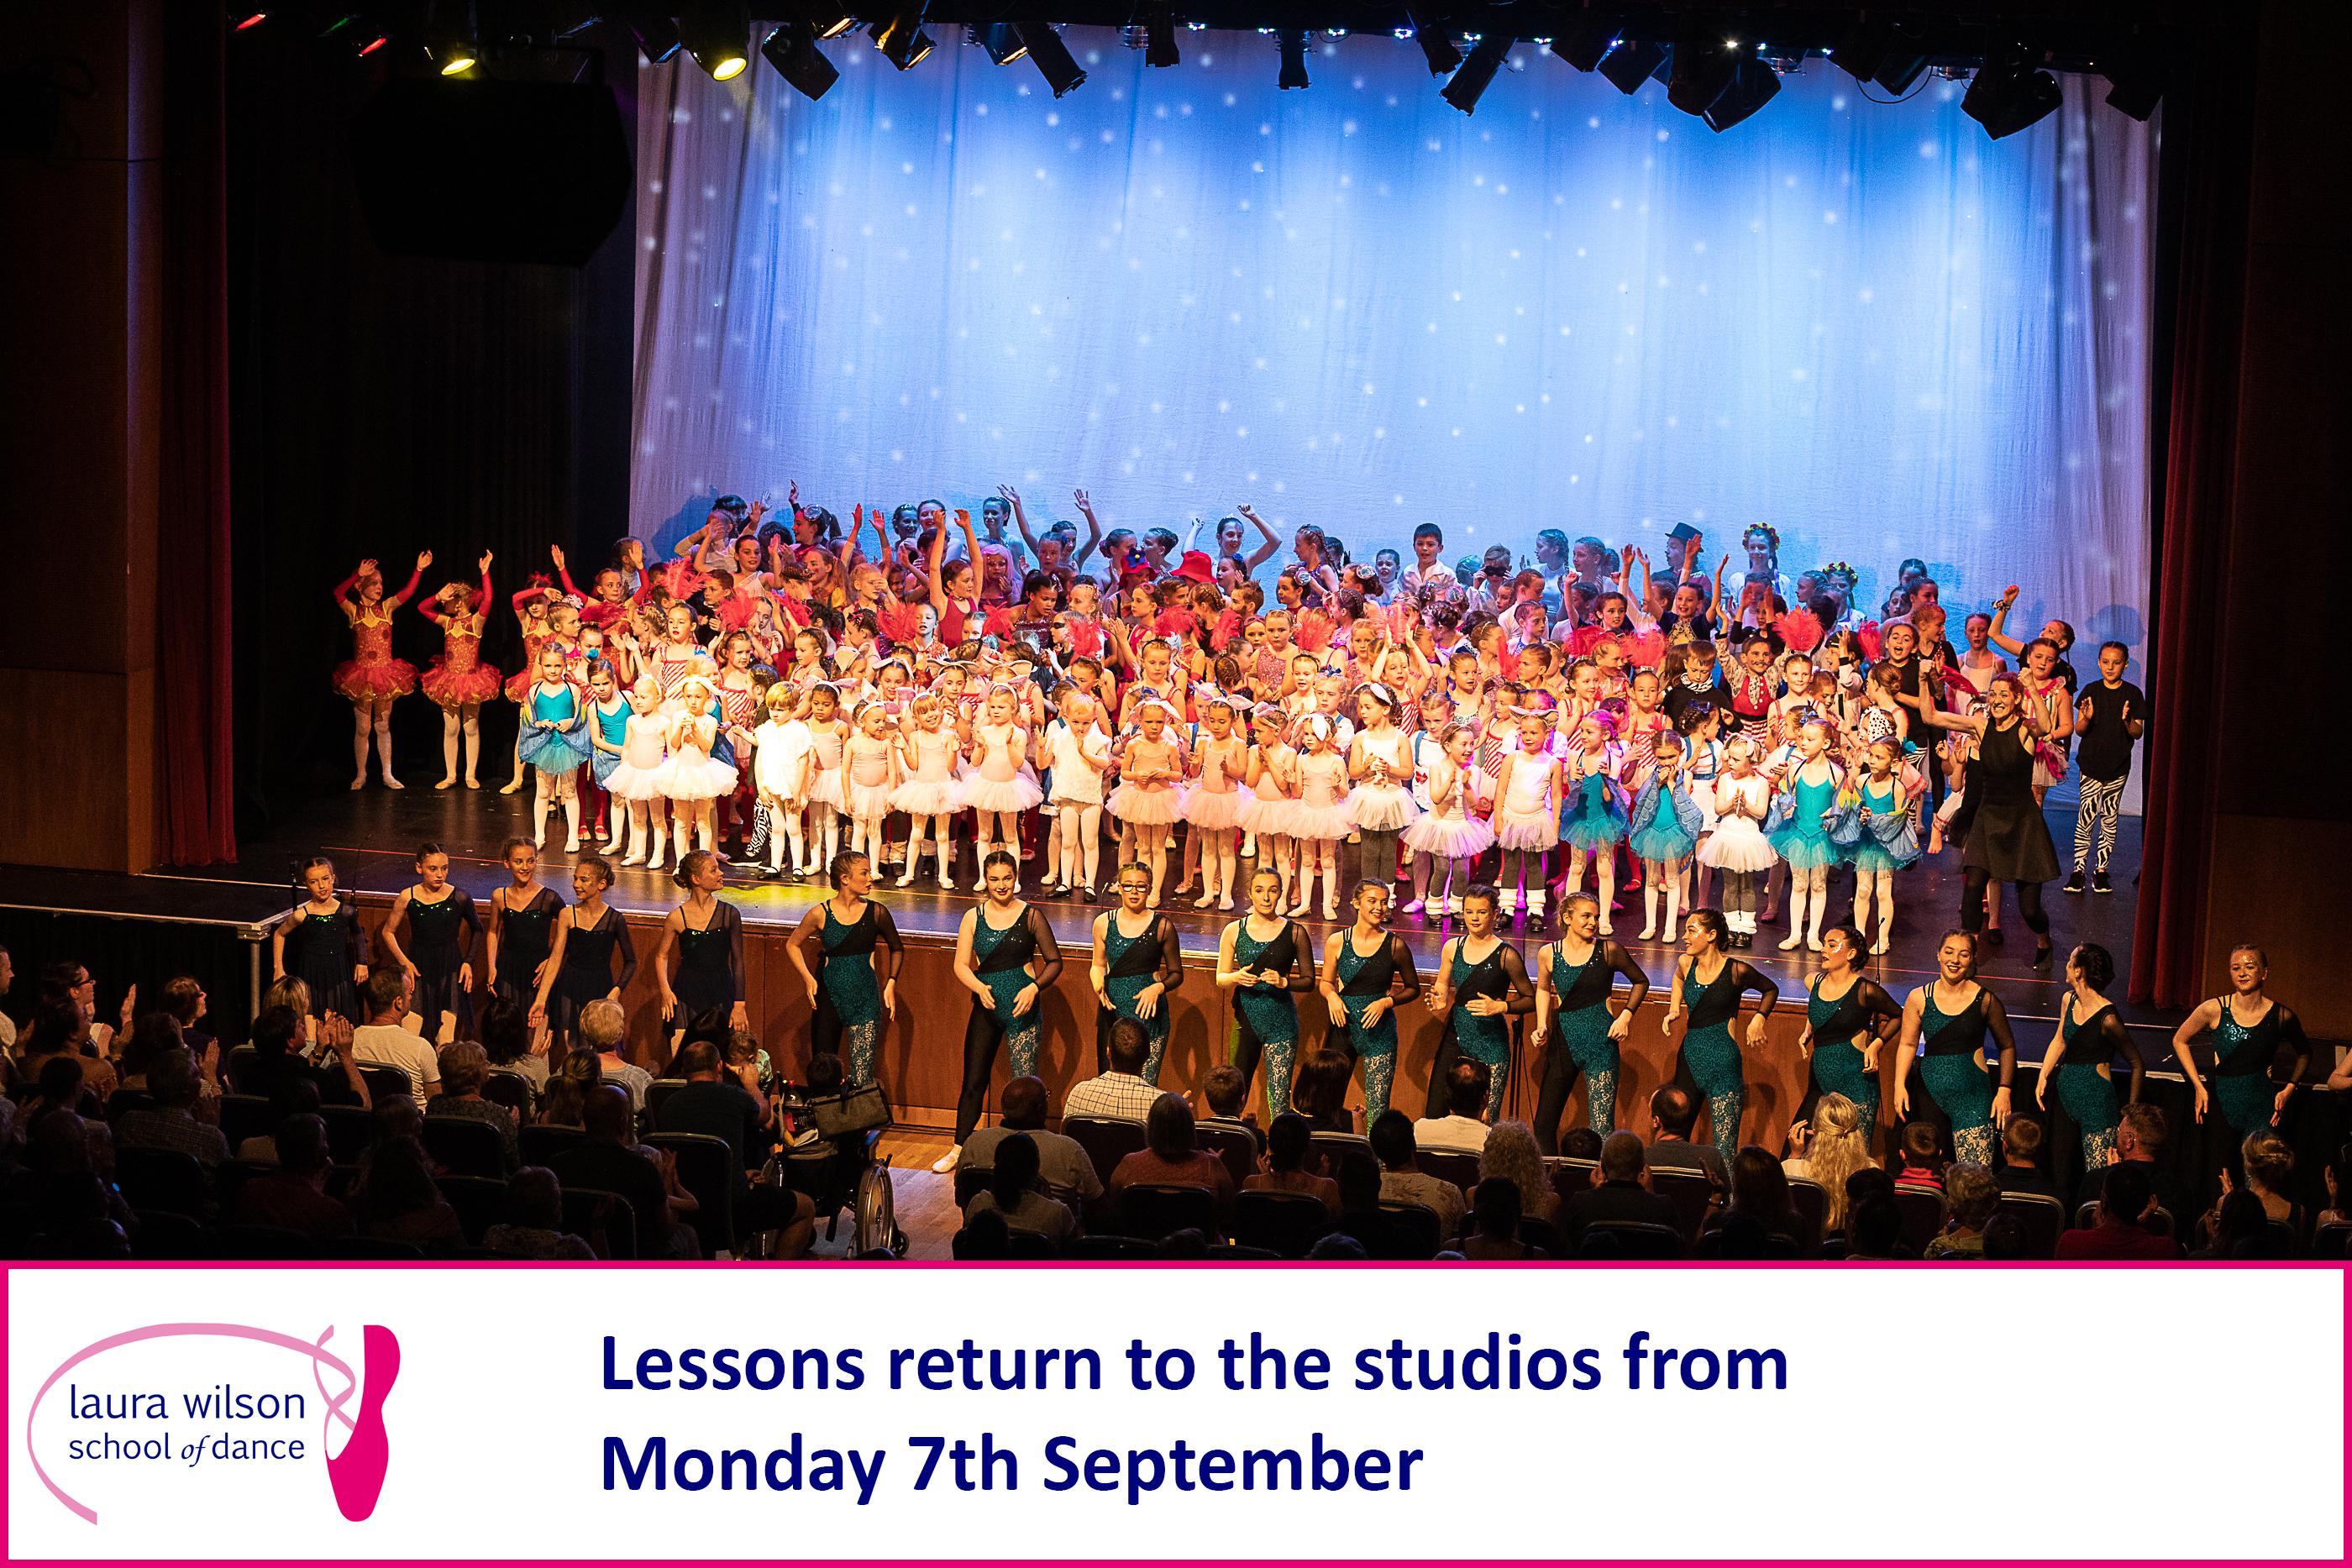 Lessons return on 7th September